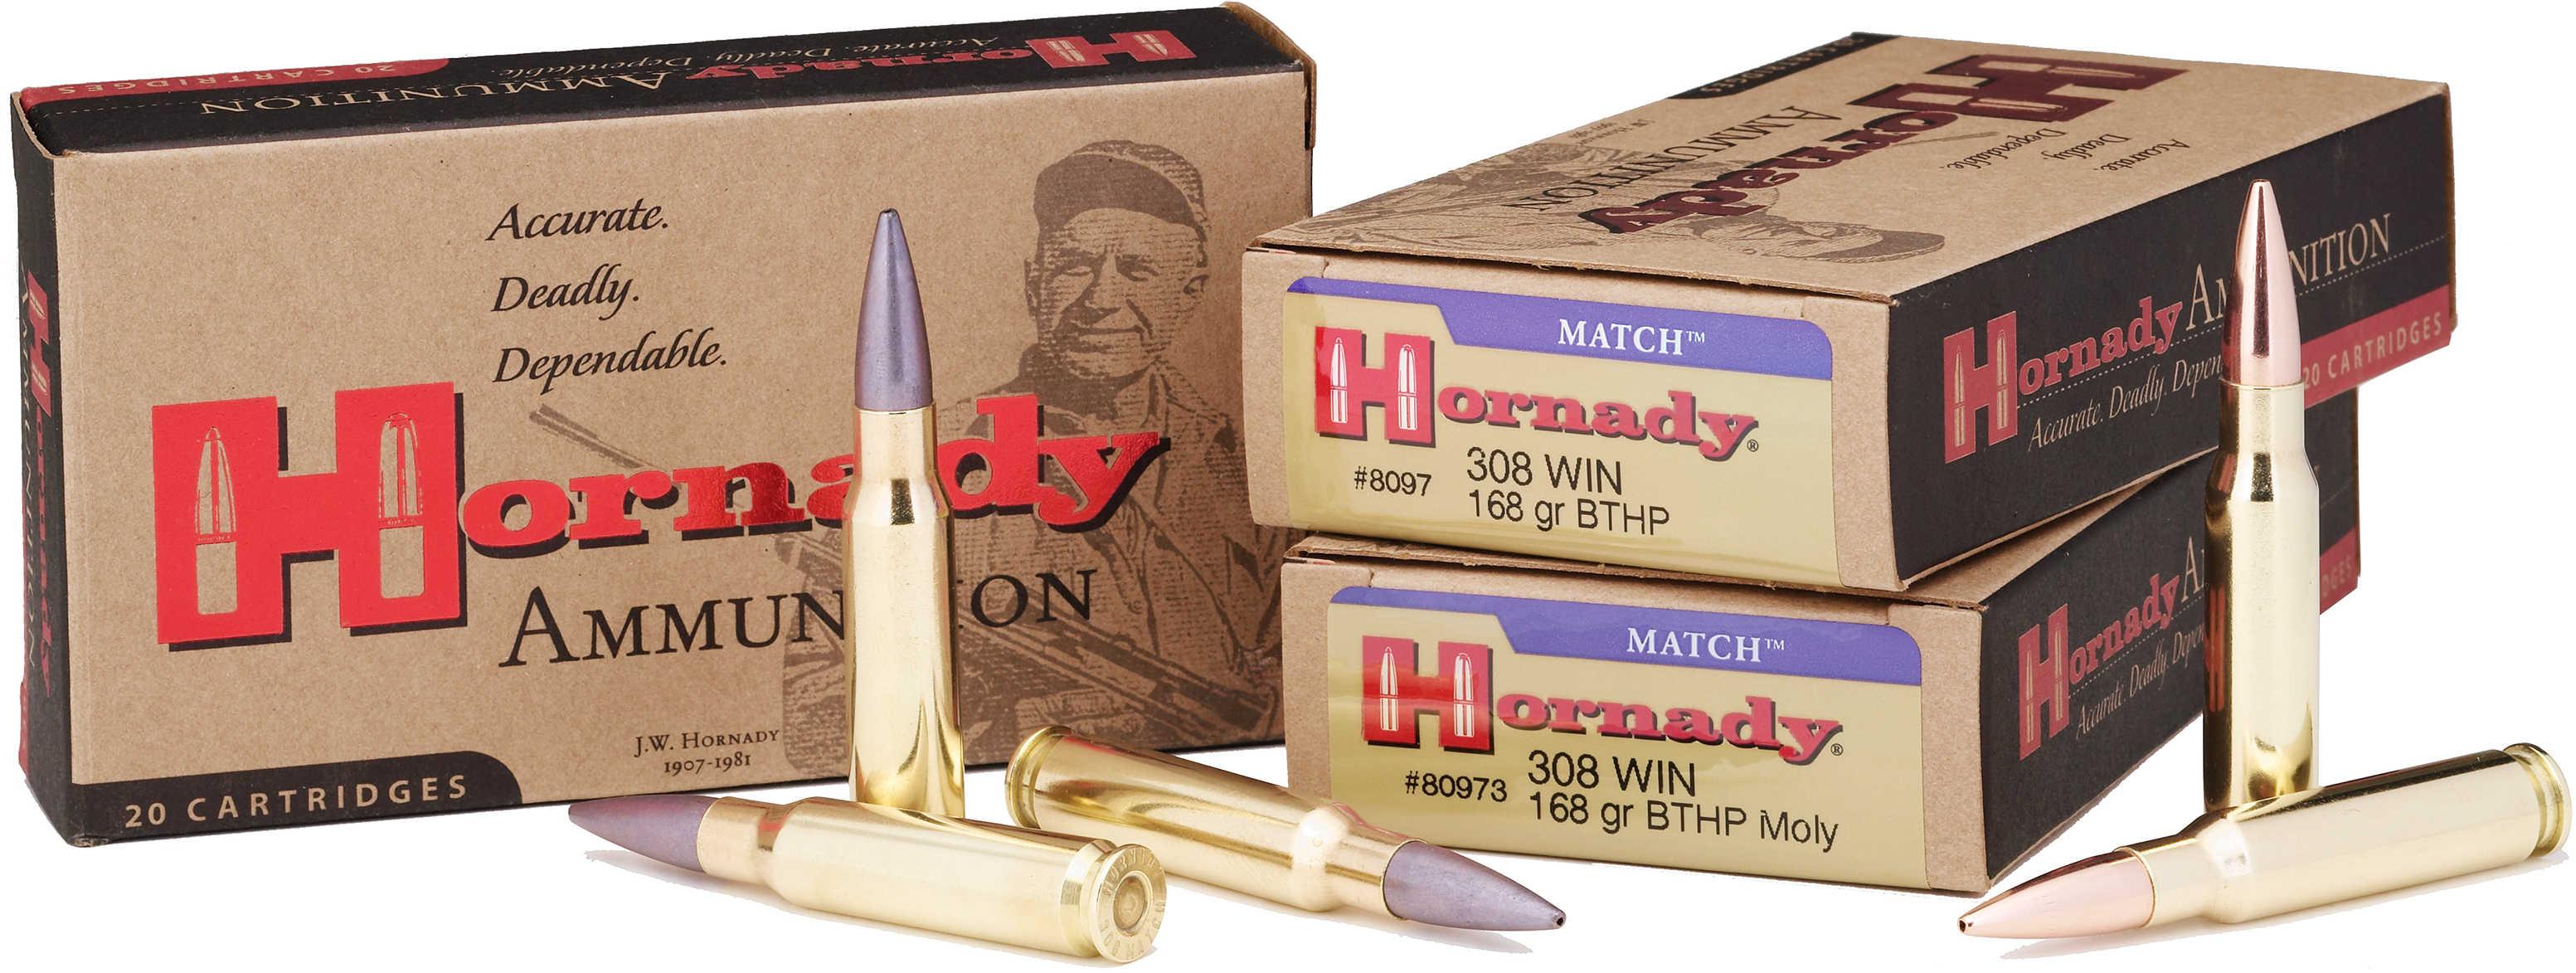 Hornady 308 Winchester 308 Win, 168 Gr, BTHP Match, (Per 20) 8097